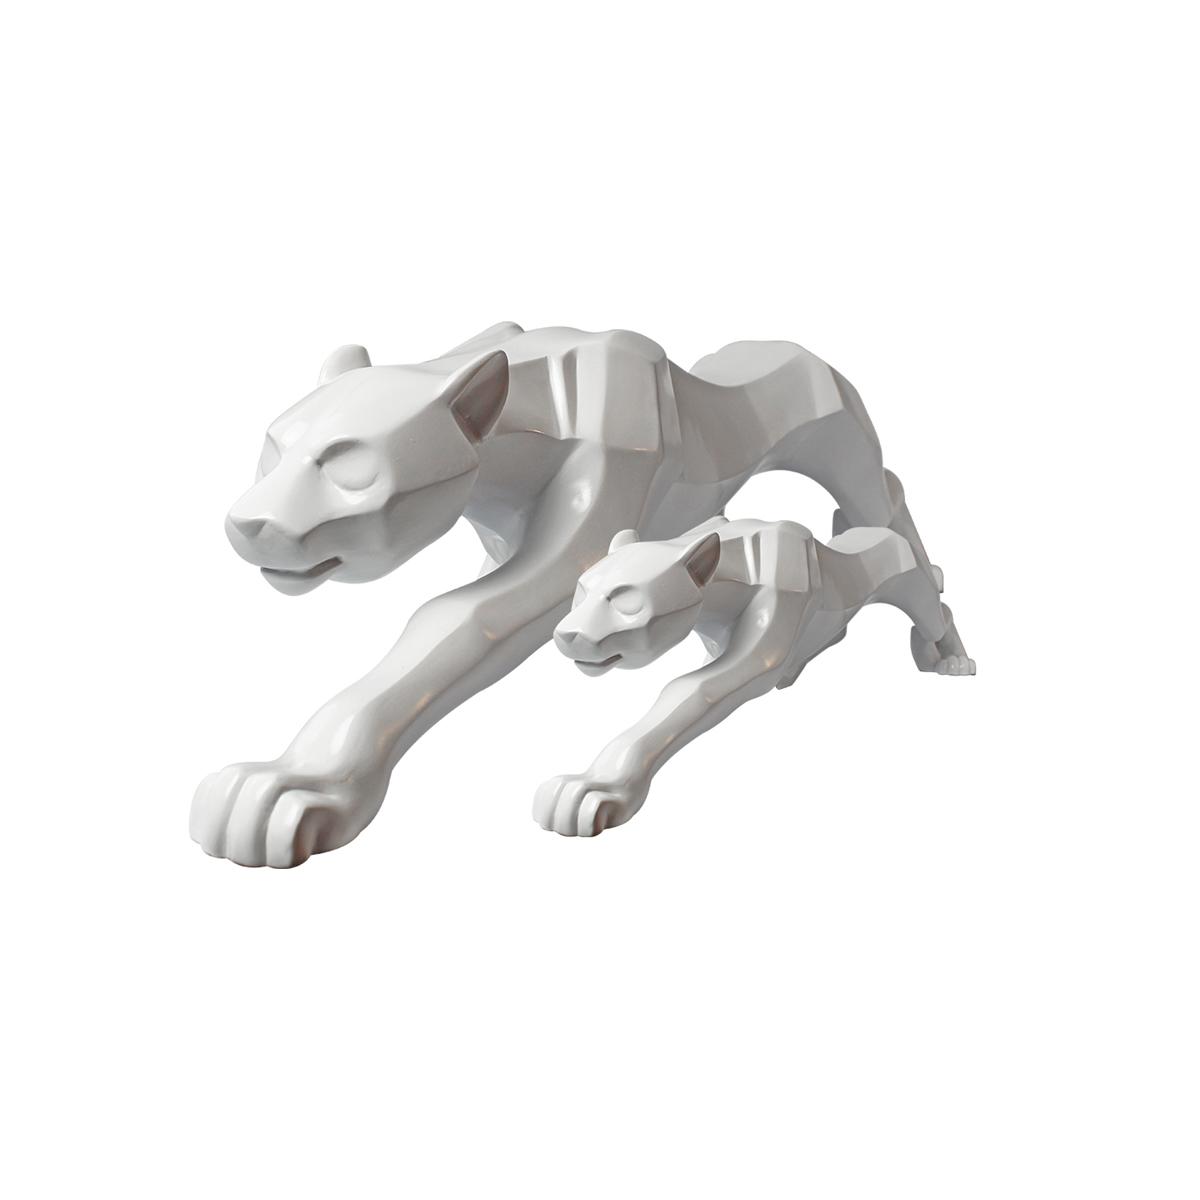 Kit Decor Dual Leopardo De Cerâmica White Verito